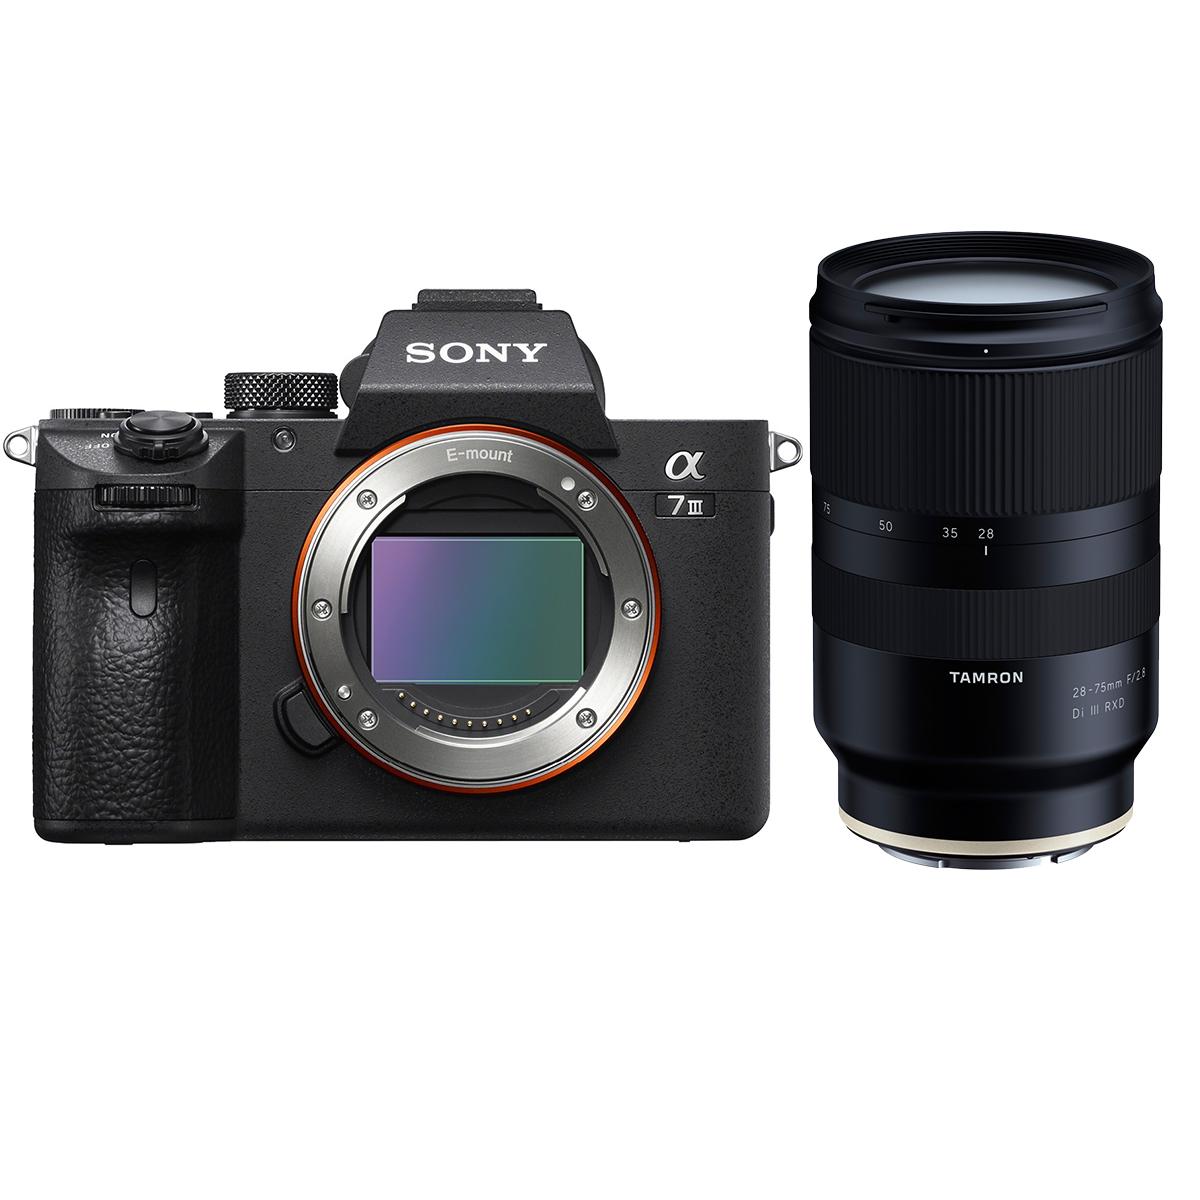 Sony Alpha 7 III + Tamron 28-75mm 1:2,8 Di III RXD